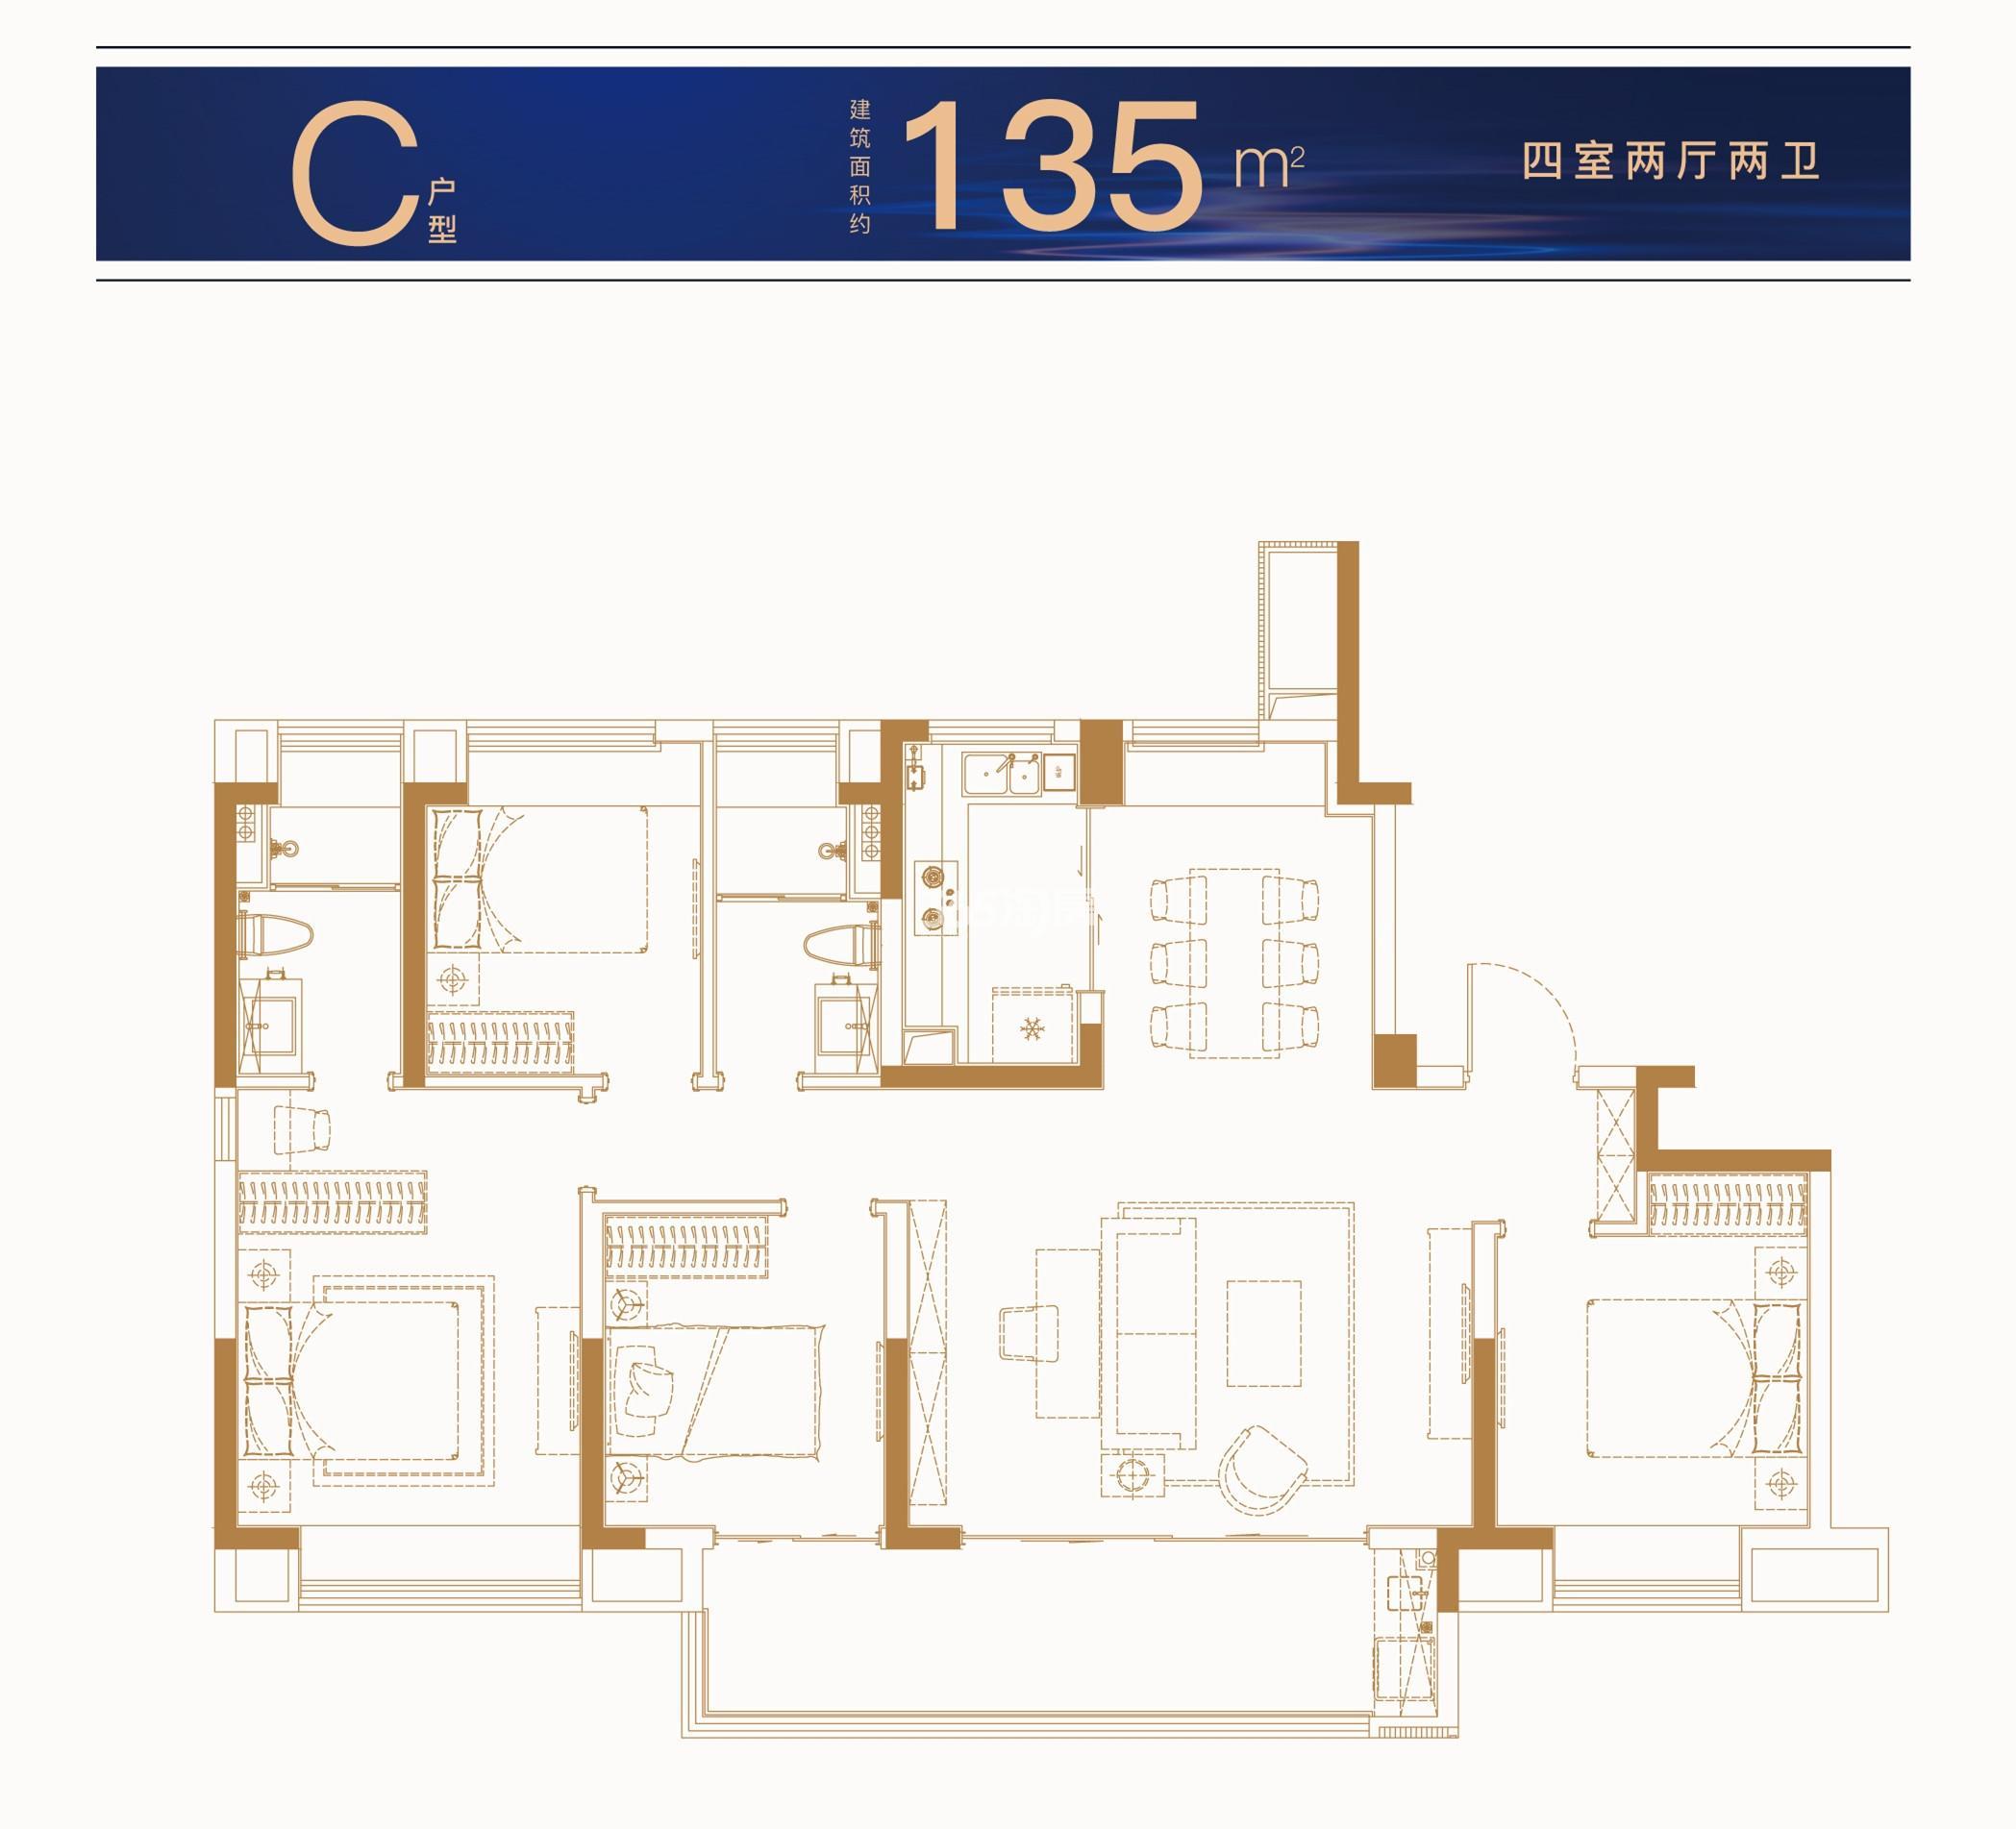 大华锦绣江来135㎡四室两厅两卫户型